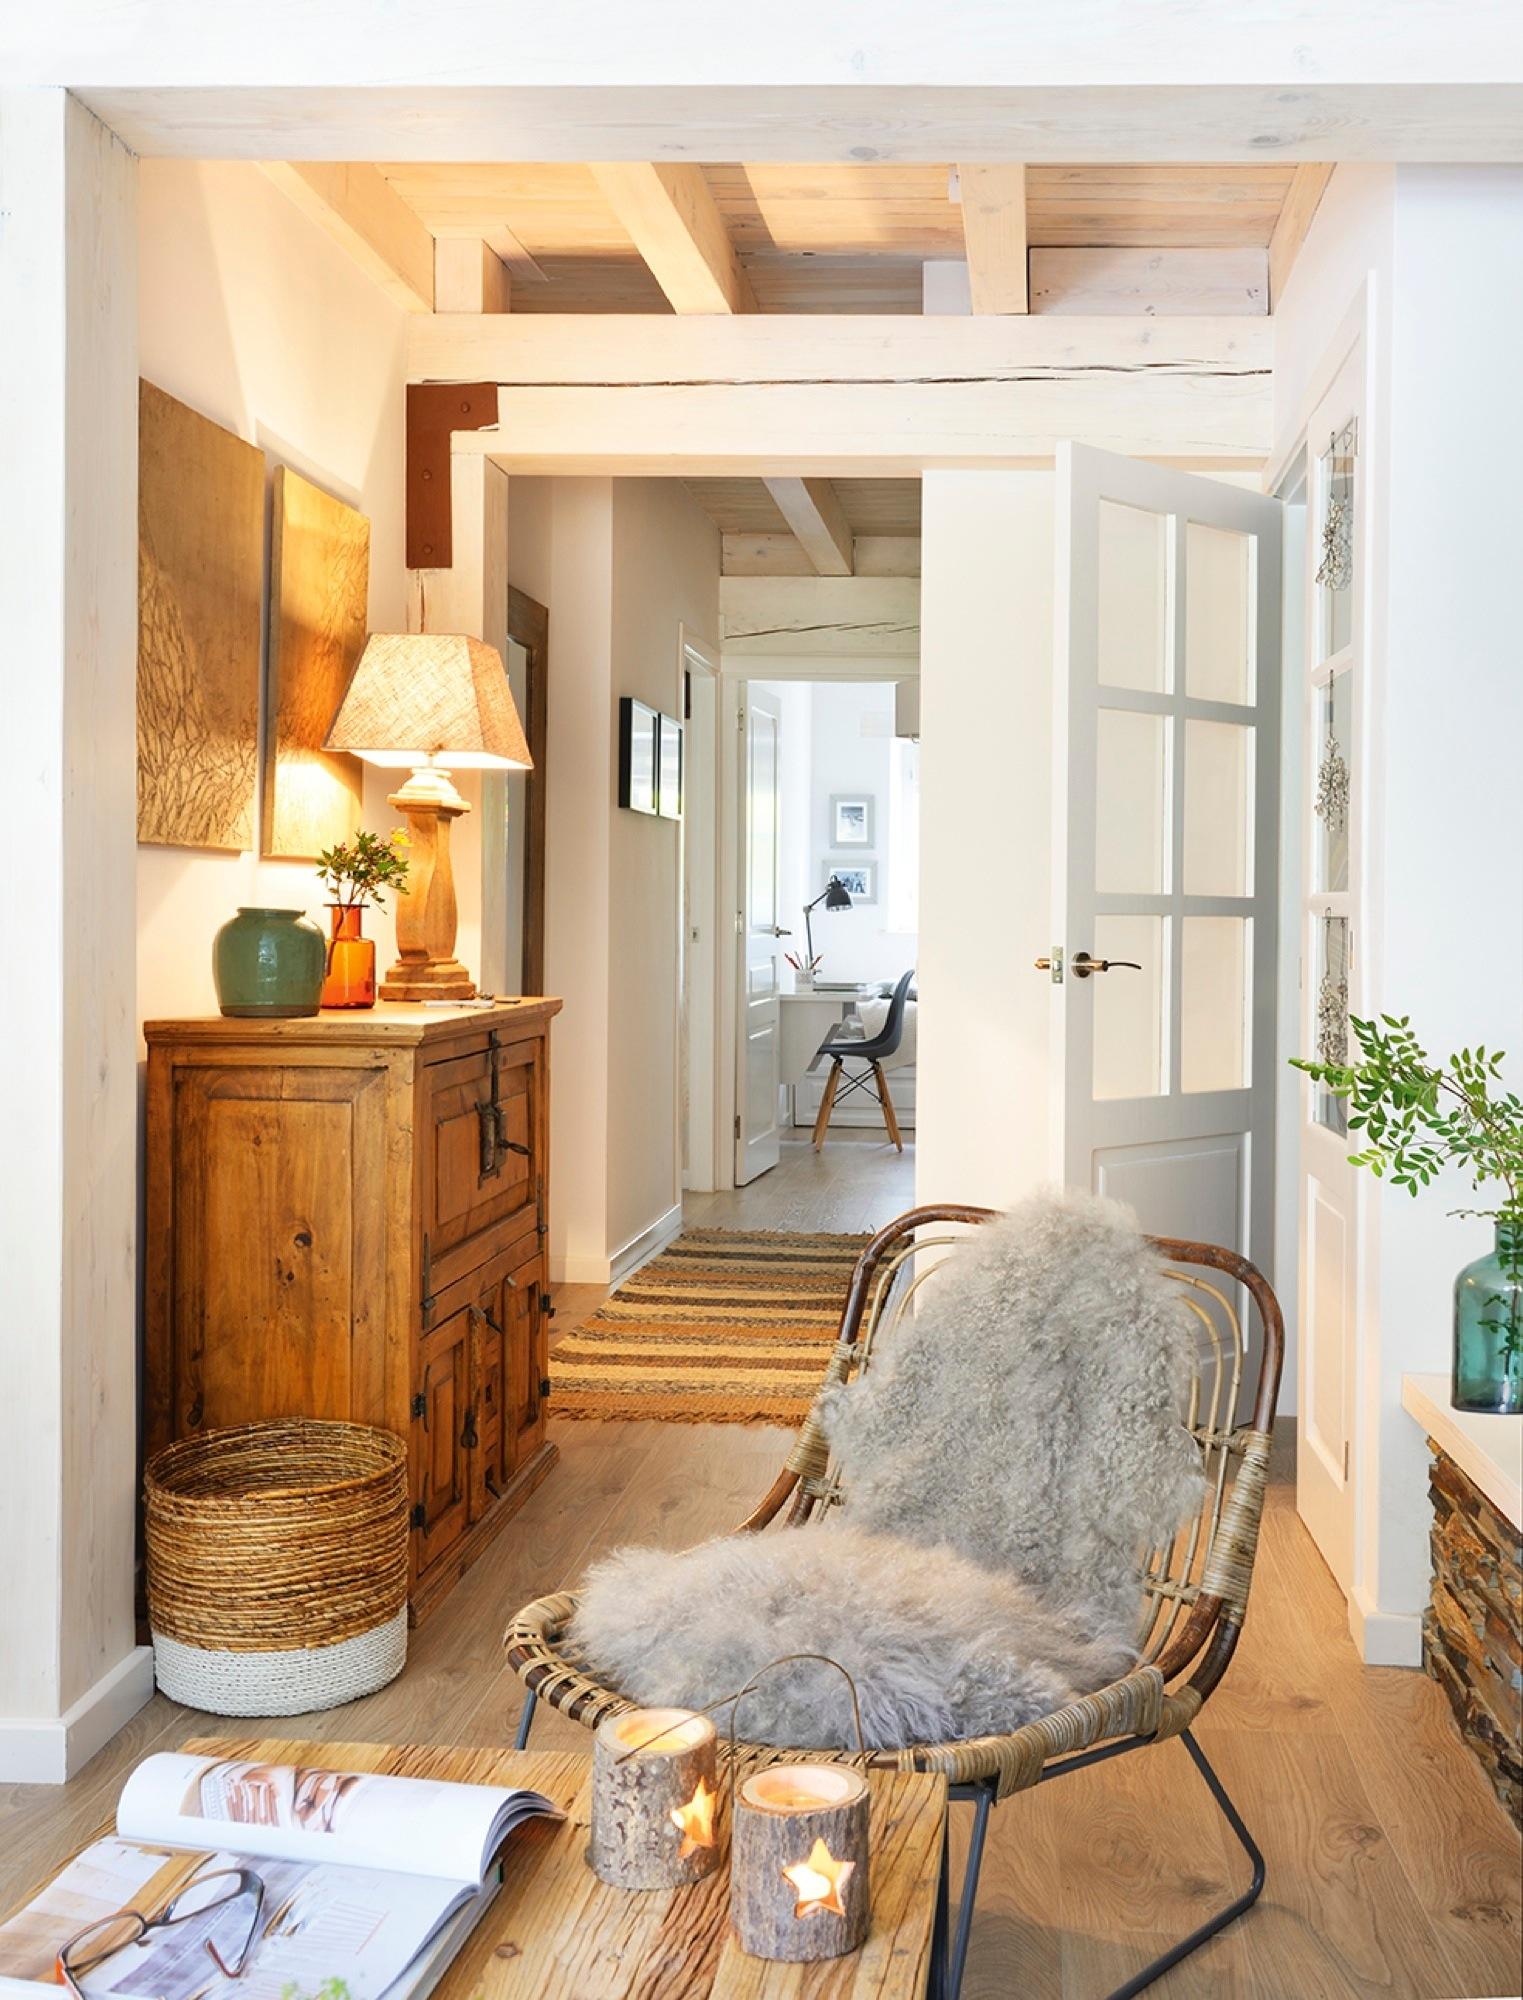 Recibidores los mejores 50 de el mueble - Mueble recibidor rustico ...